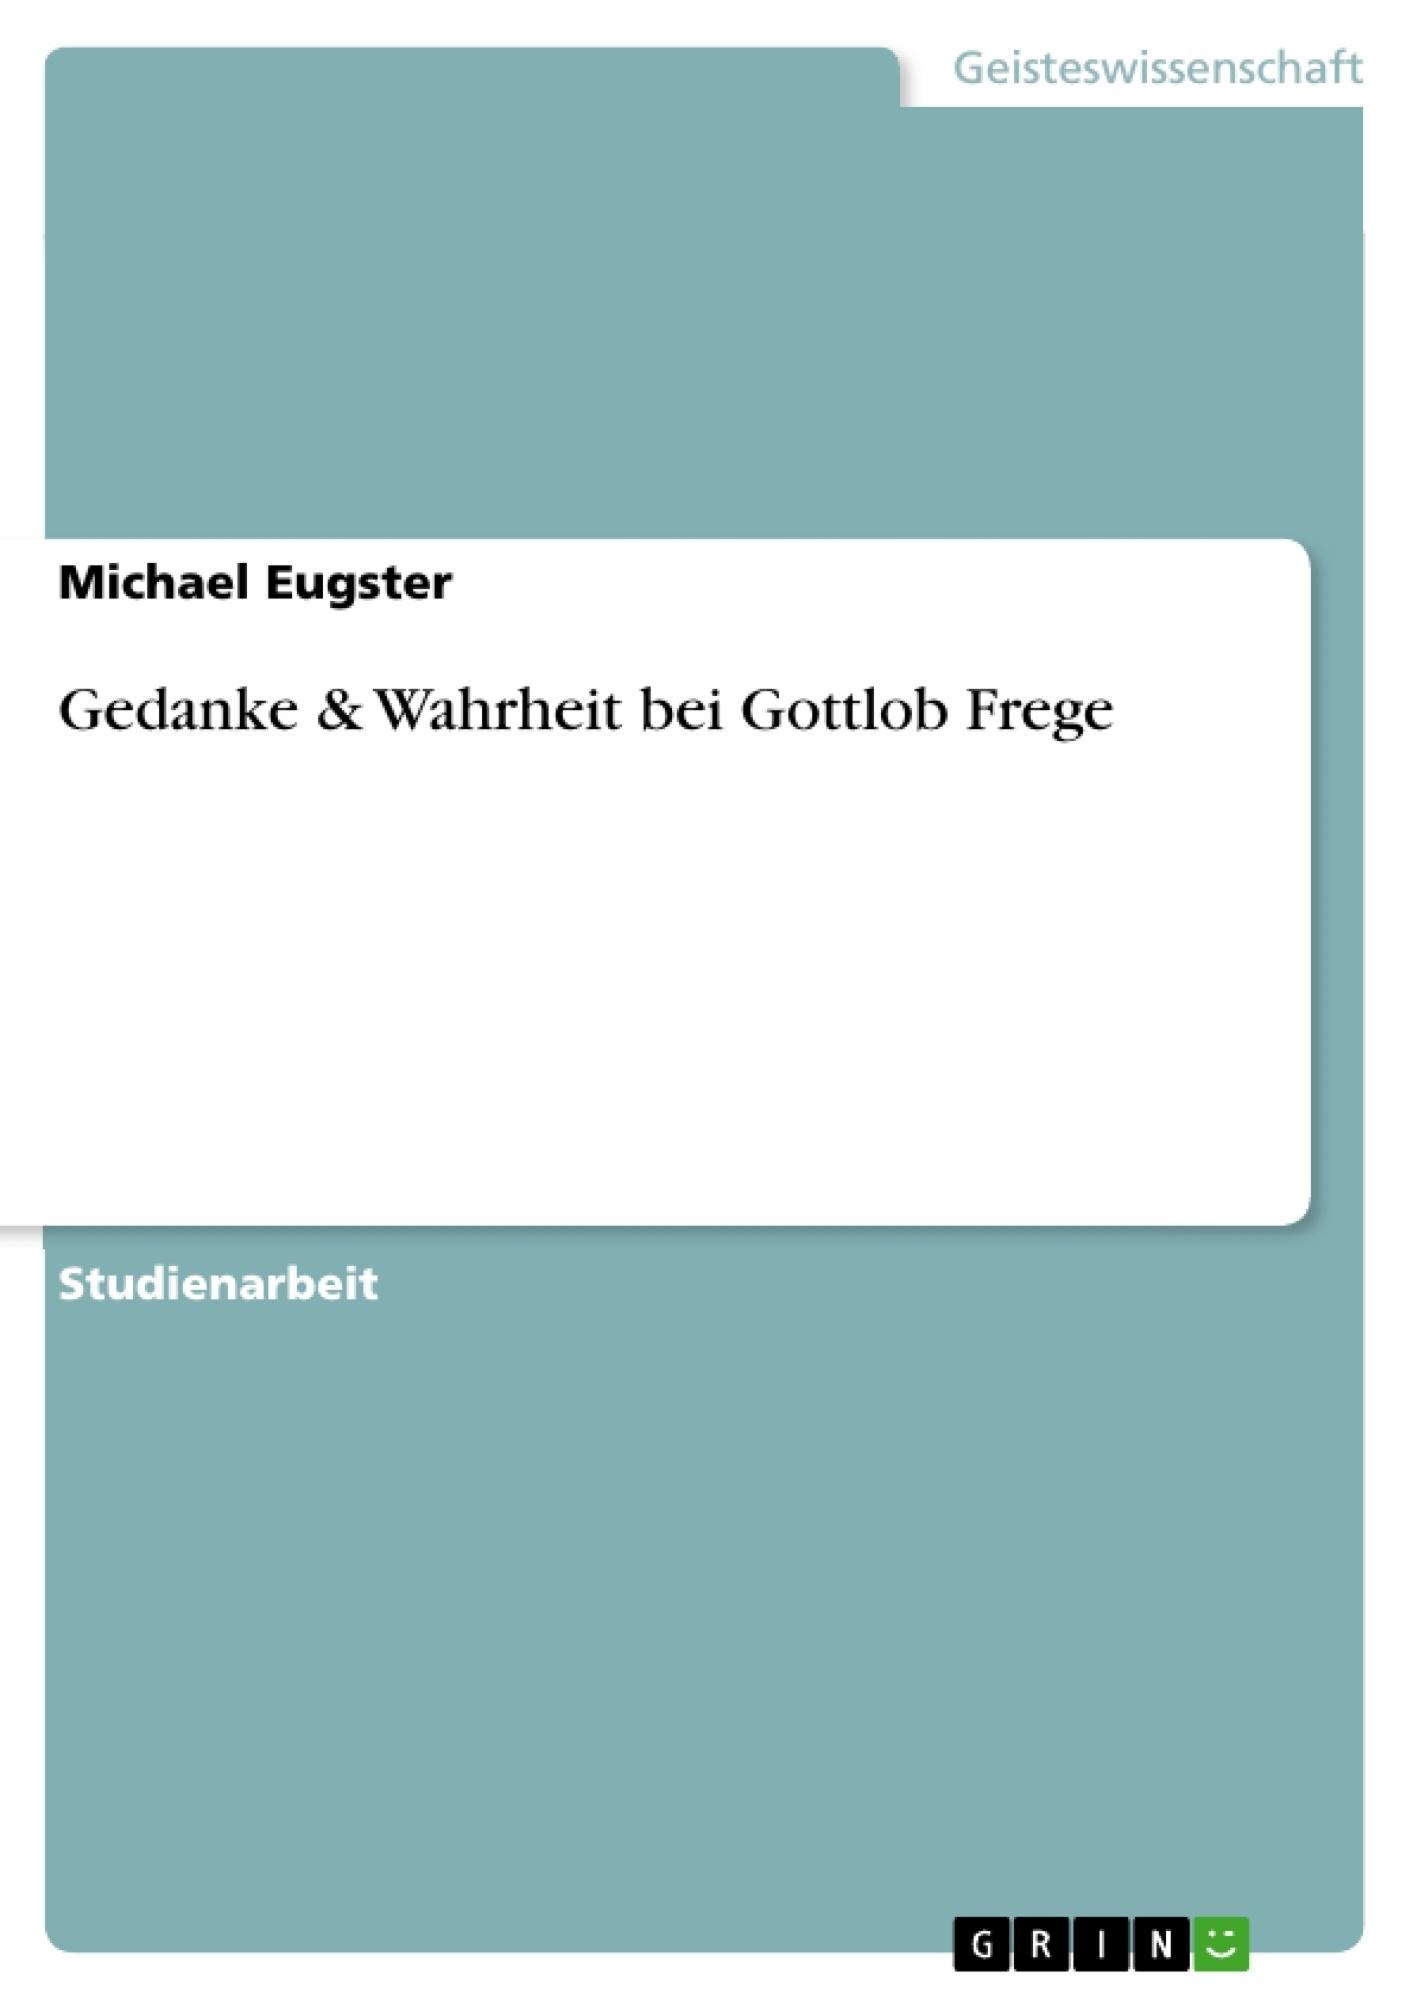 Titel: Gedanke & Wahrheit bei Gottlob Frege